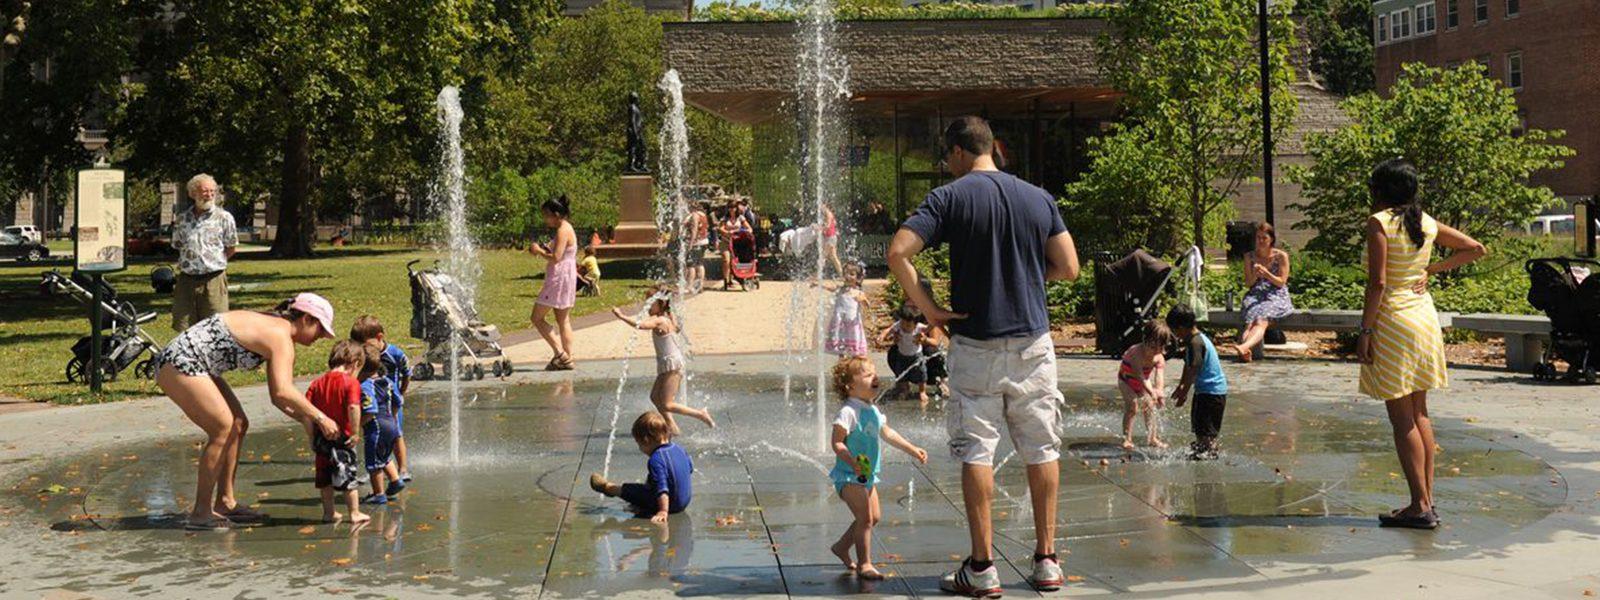 Vibrant Public Spaces